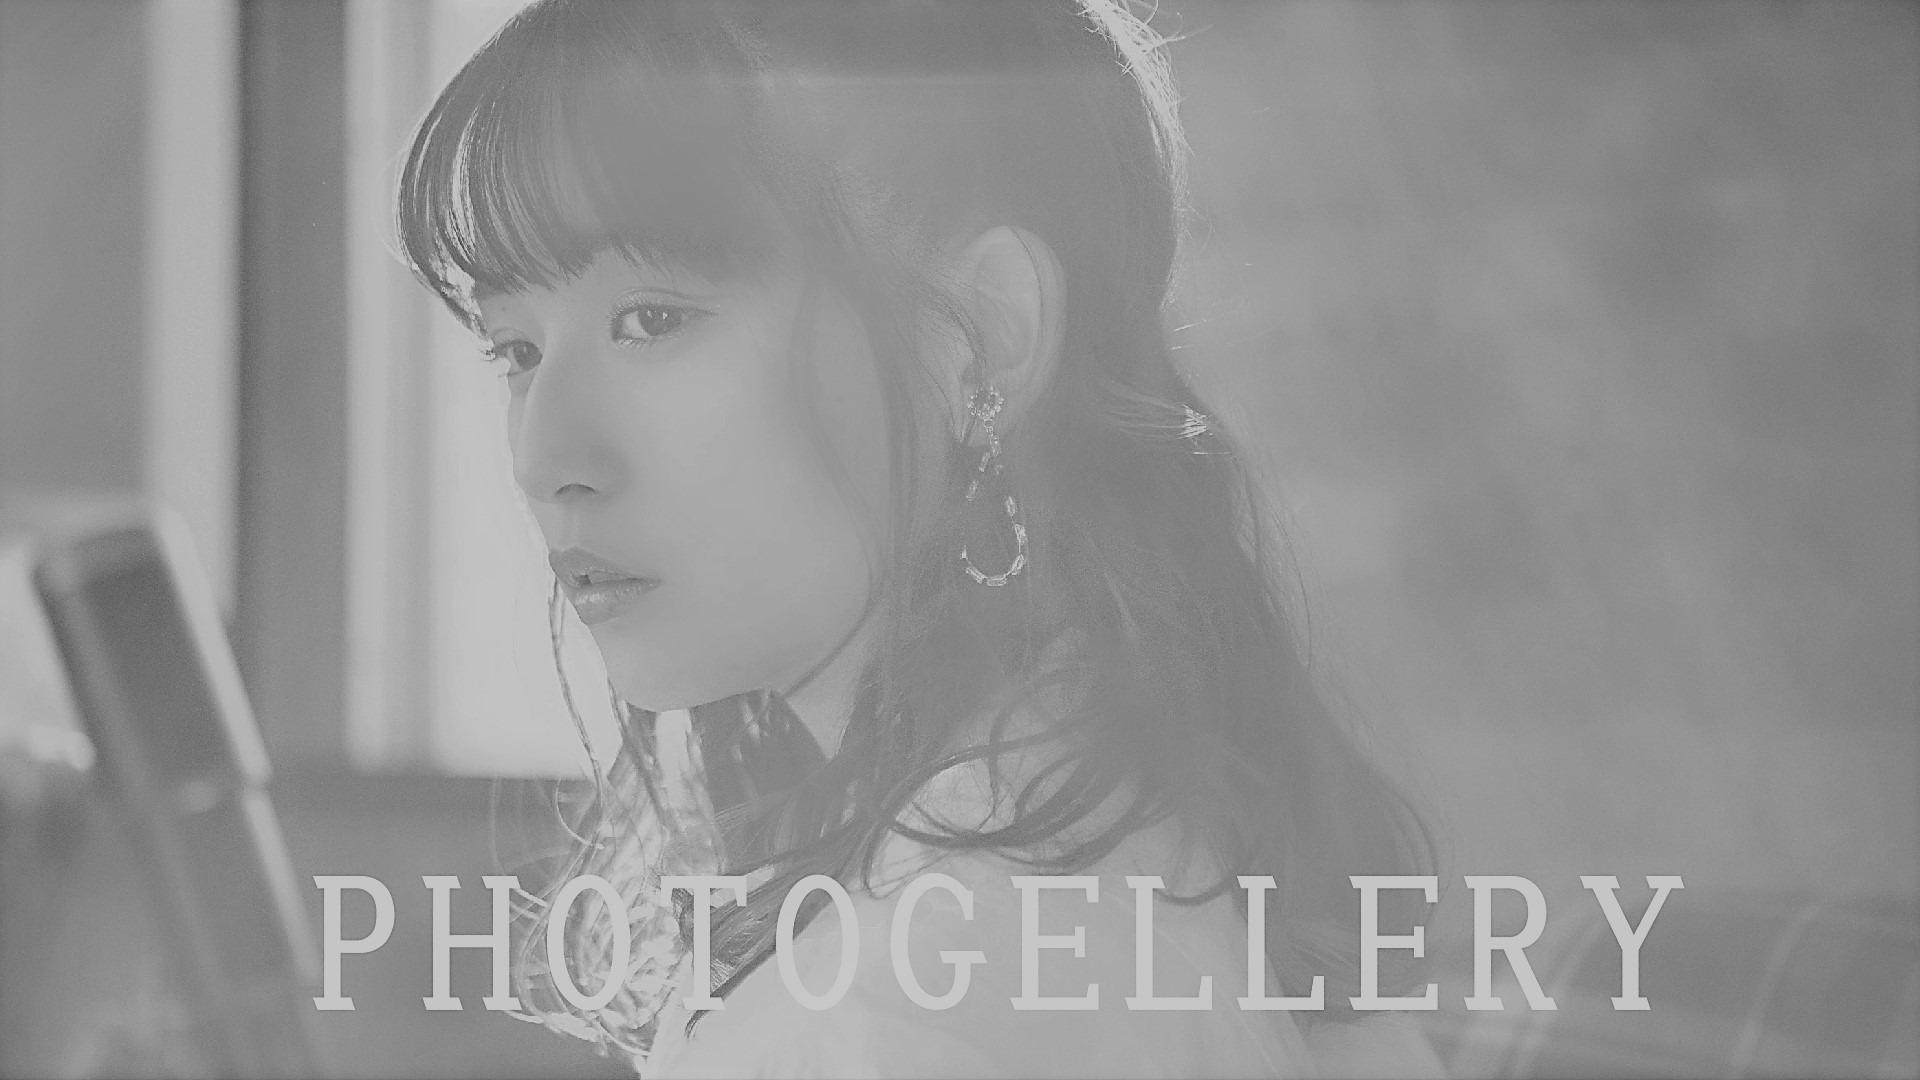 photogellery #4